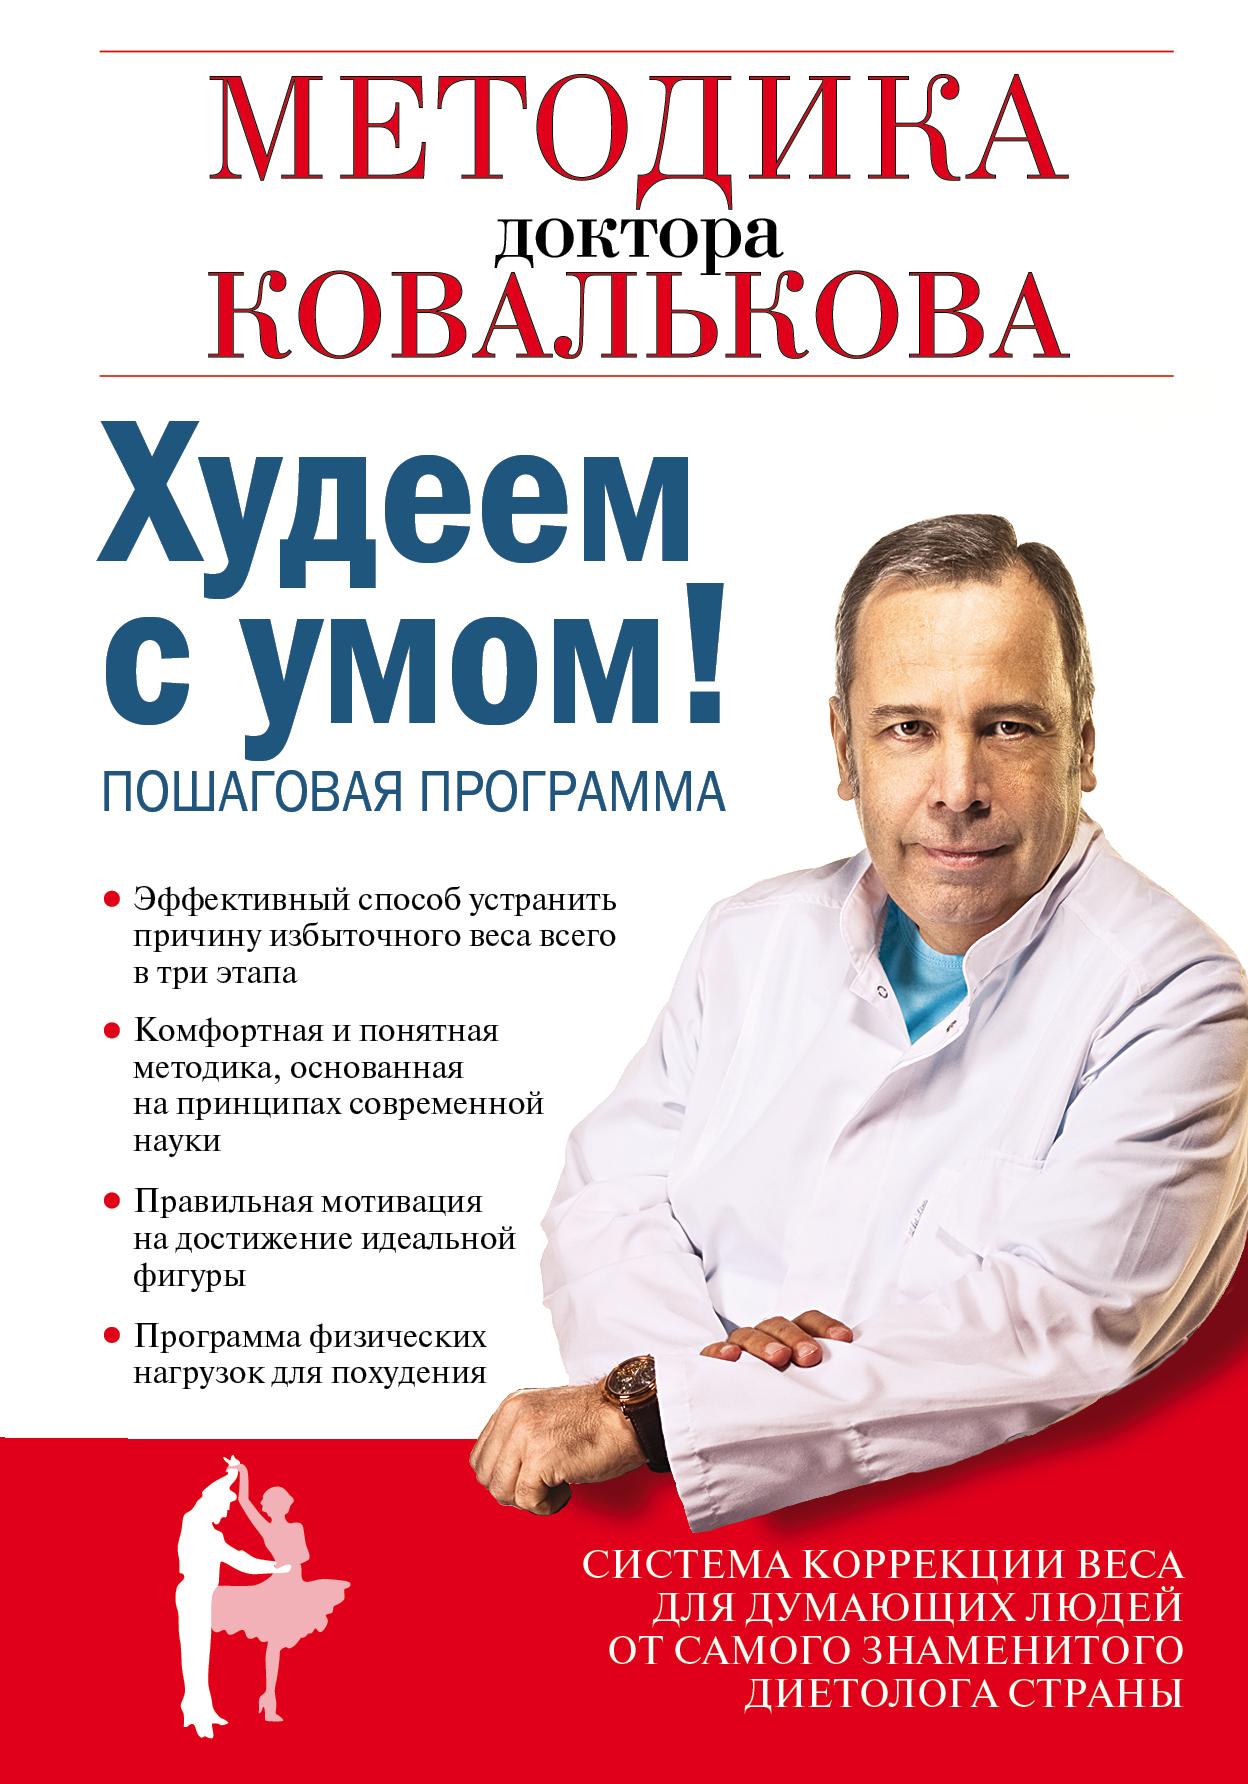 Метод Коваленко Похудение. Диета Ковалькова. Меню на каждый день, неделю, месяц. 1, 2, 3 этап похудения. Отзывы и результаты